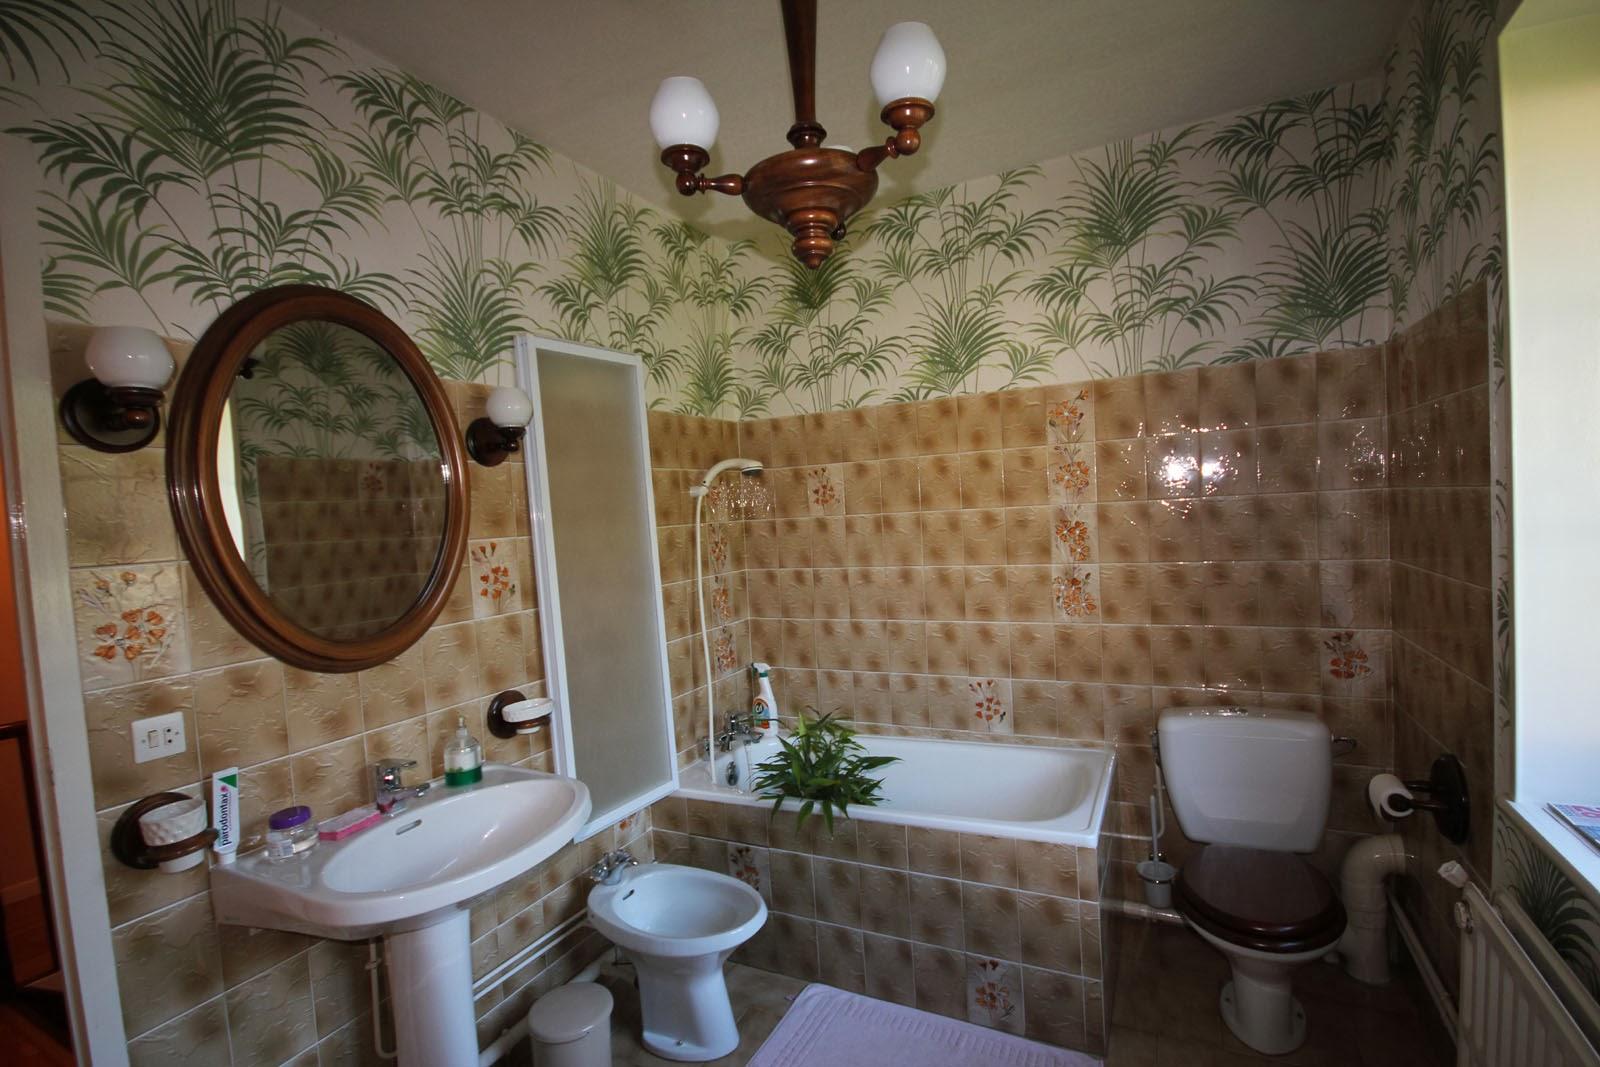 Bois prieur, la maison dans la forêt: relooking de salle de bain